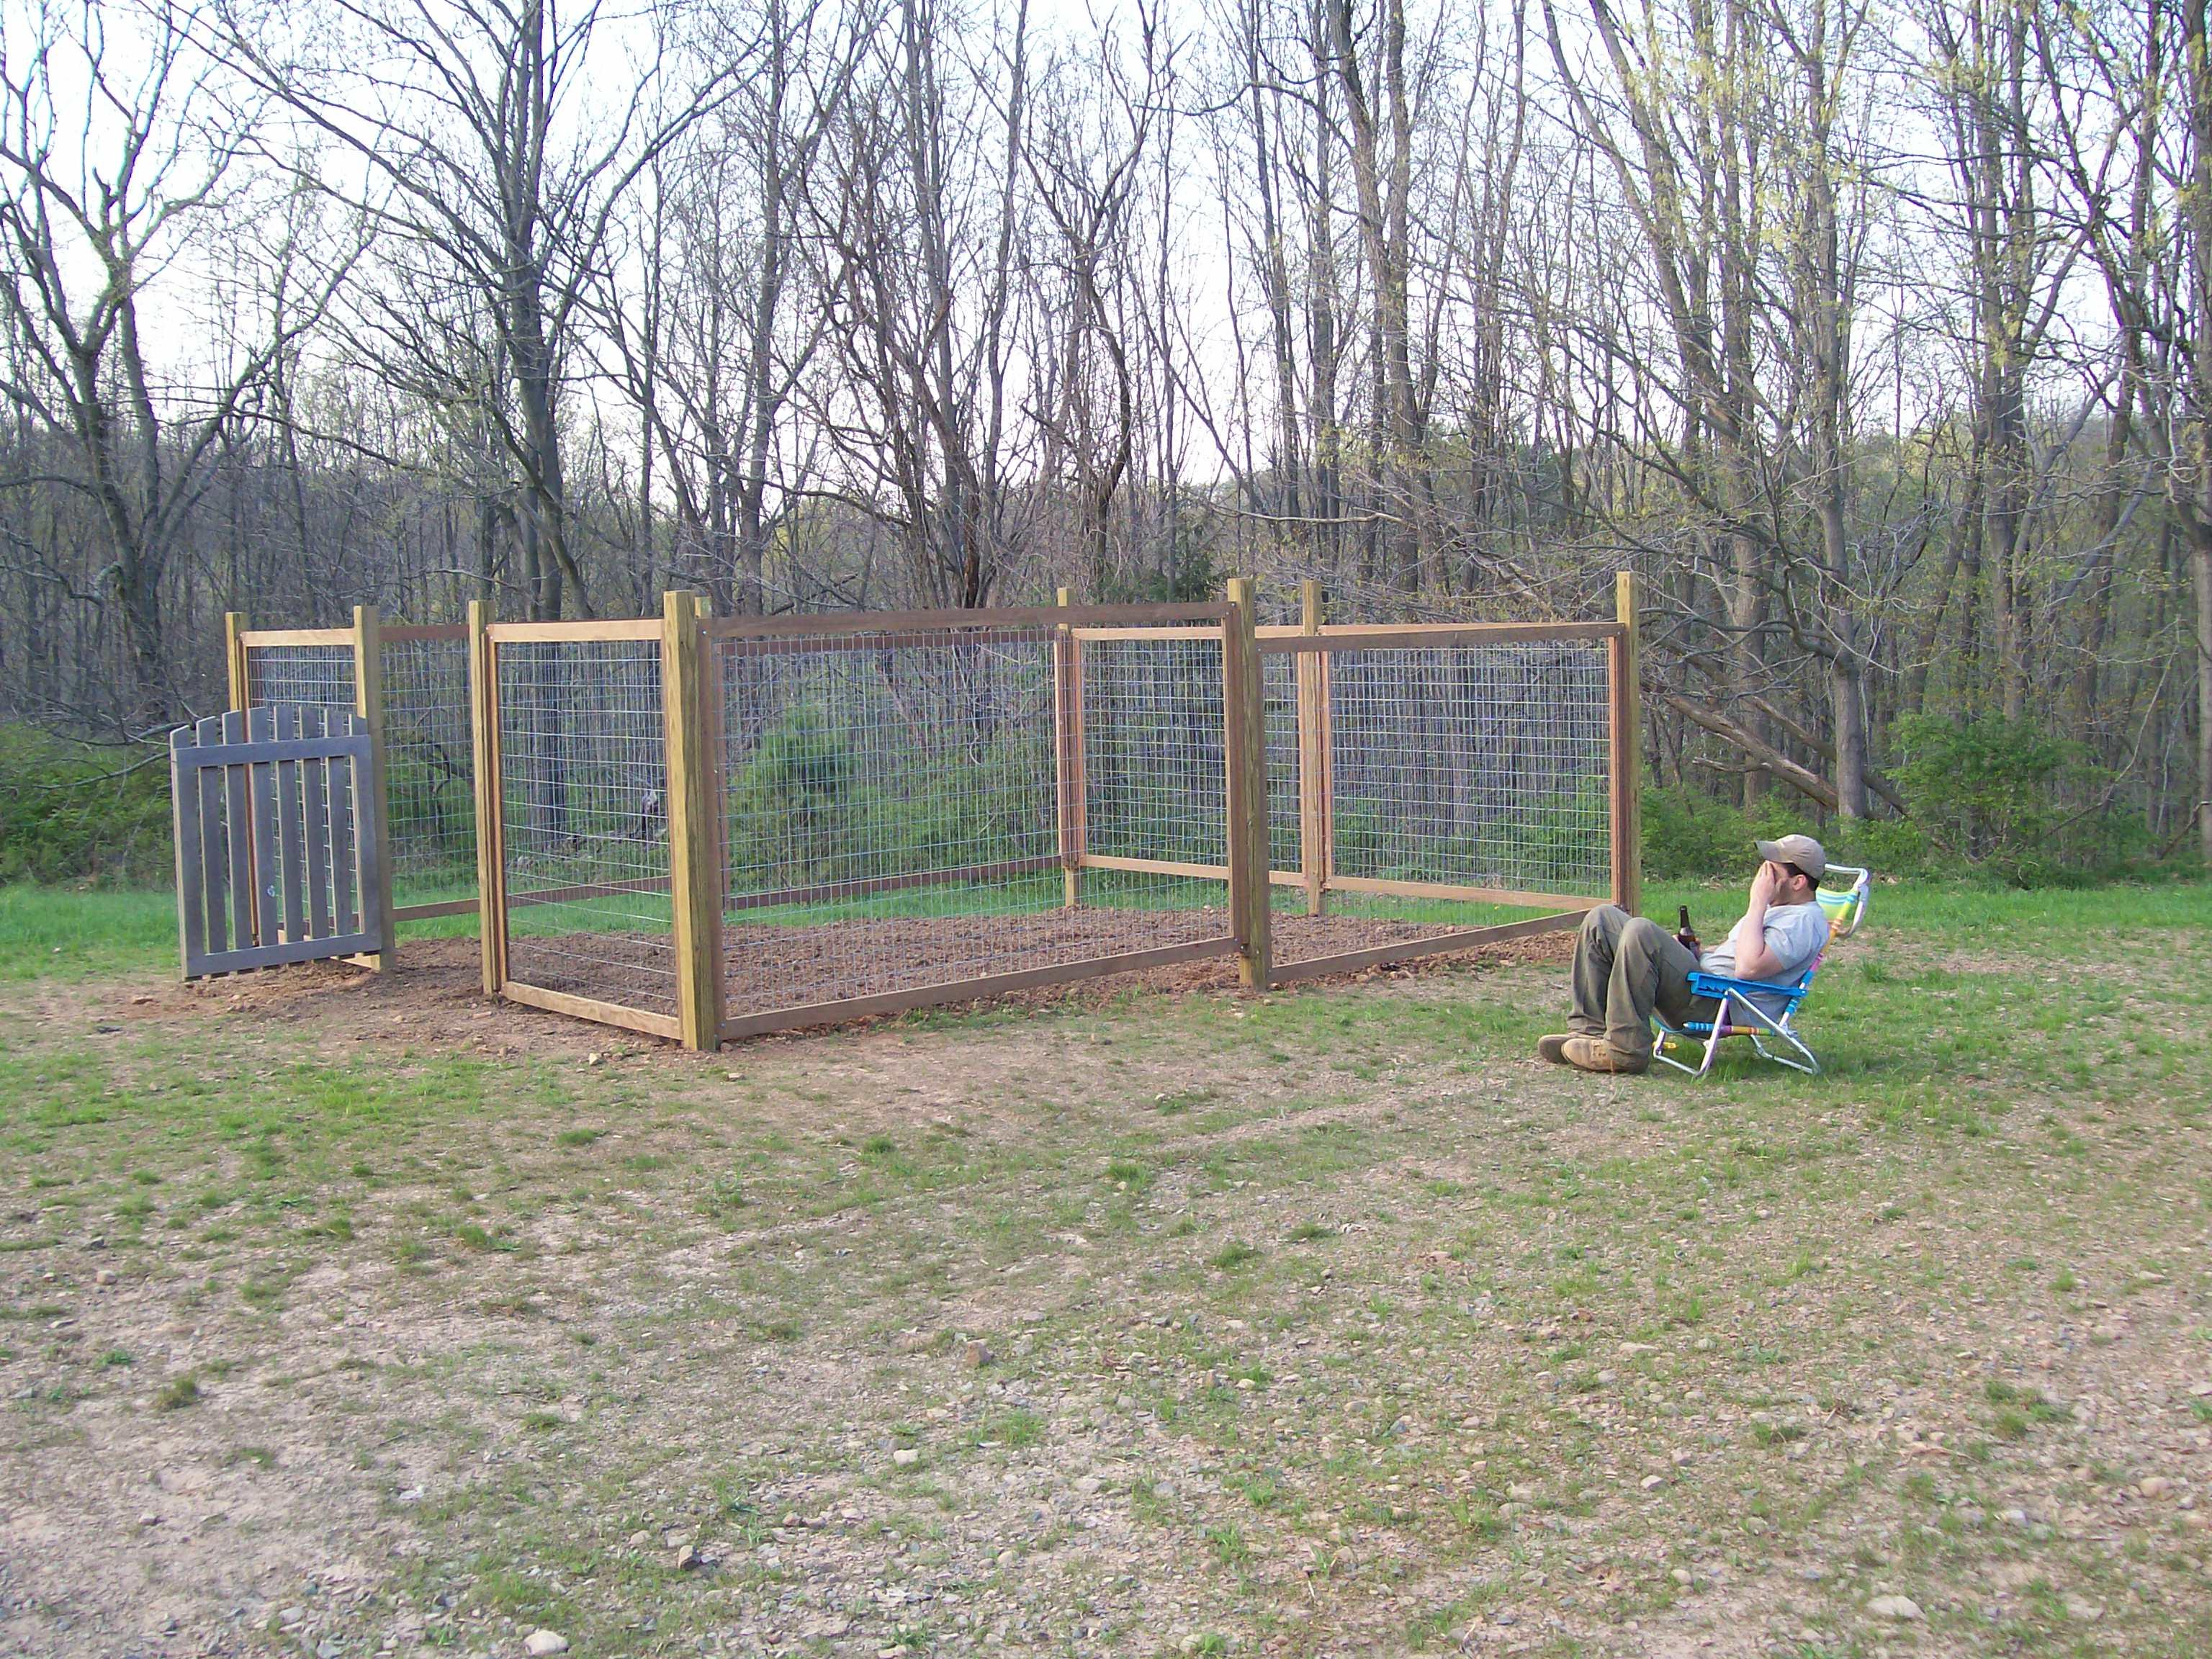 garden fencing ideas photos photo - 3